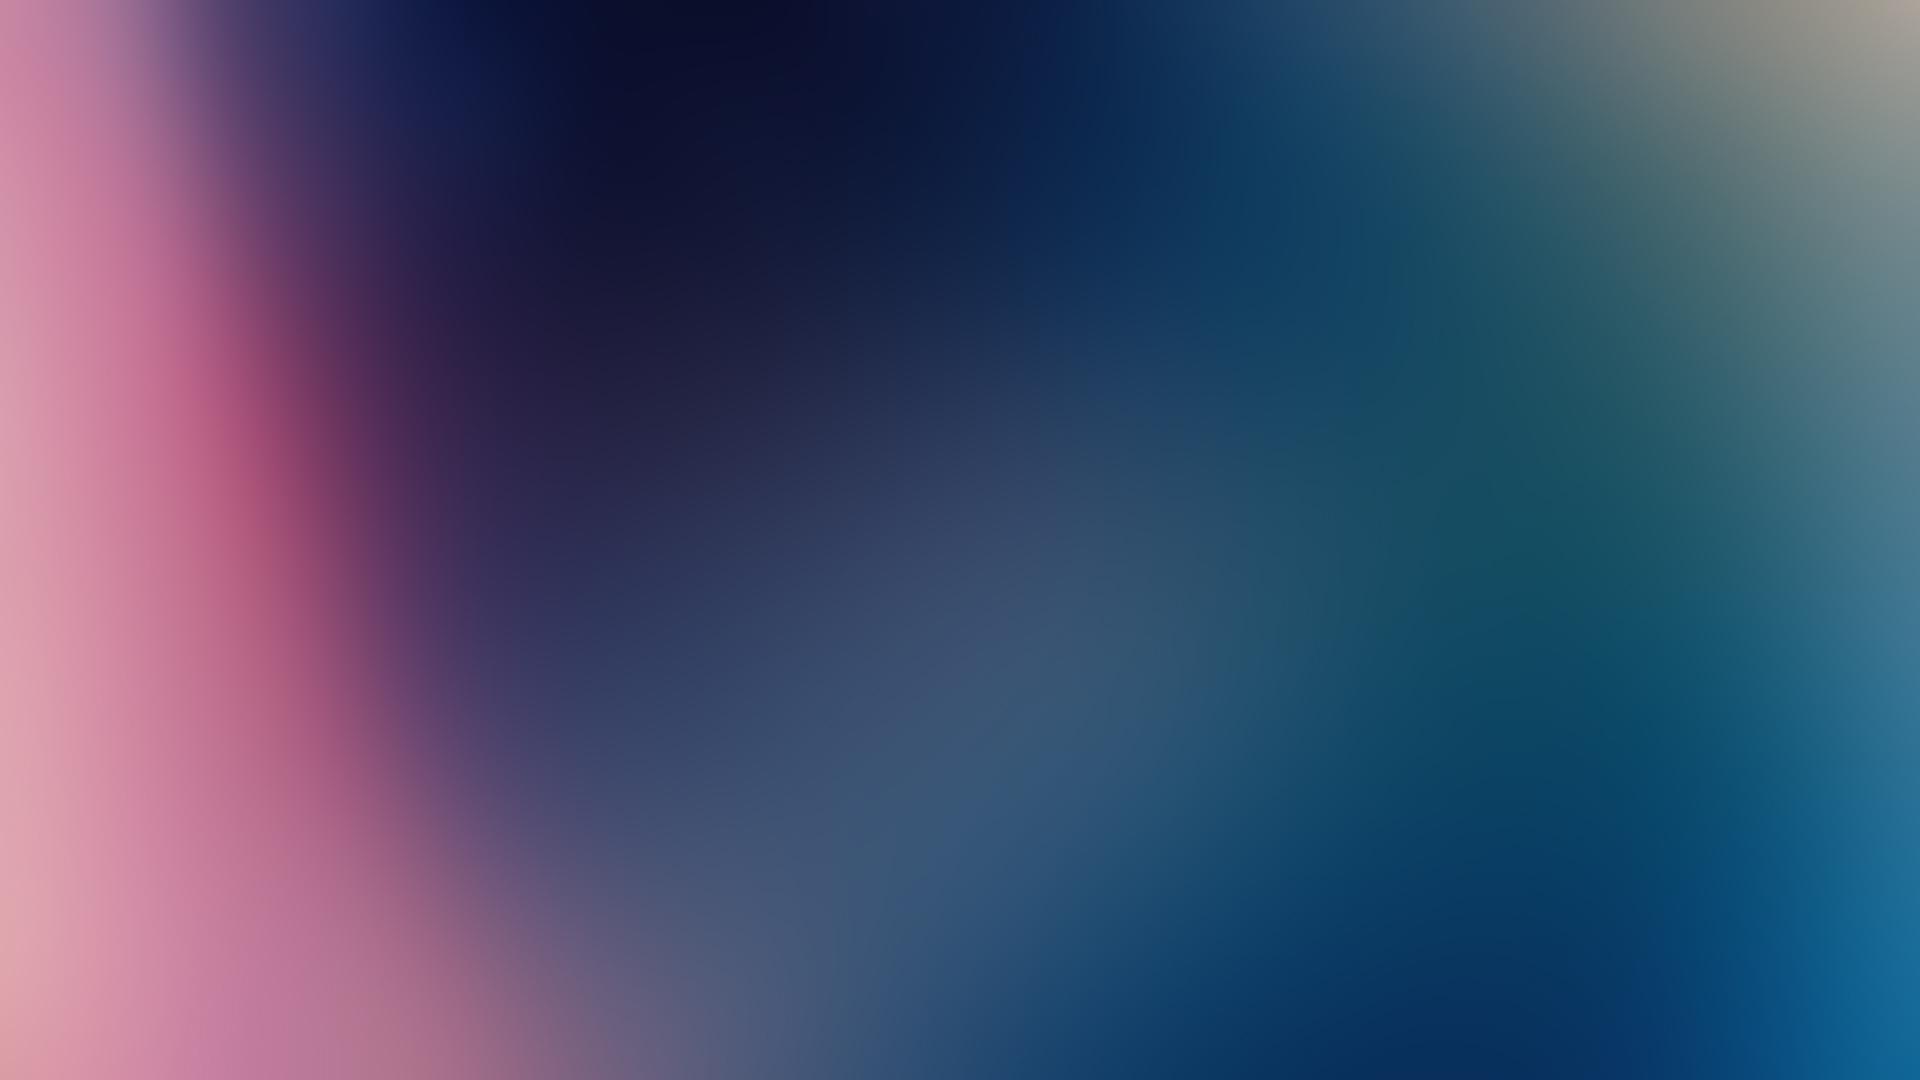 Blur Background Online